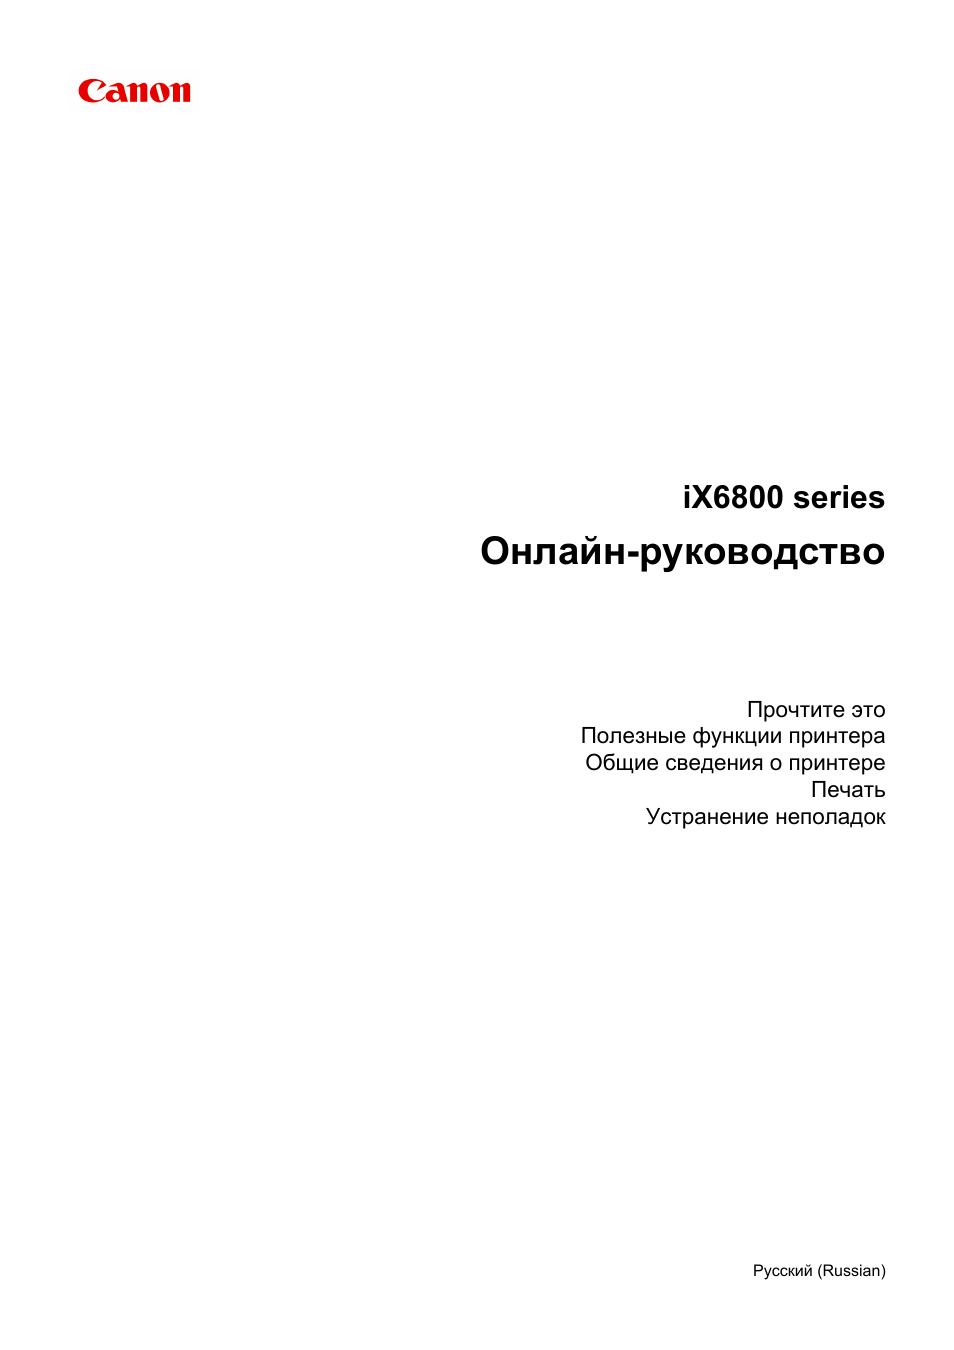 принтер кенон 230 инструкция сканирования